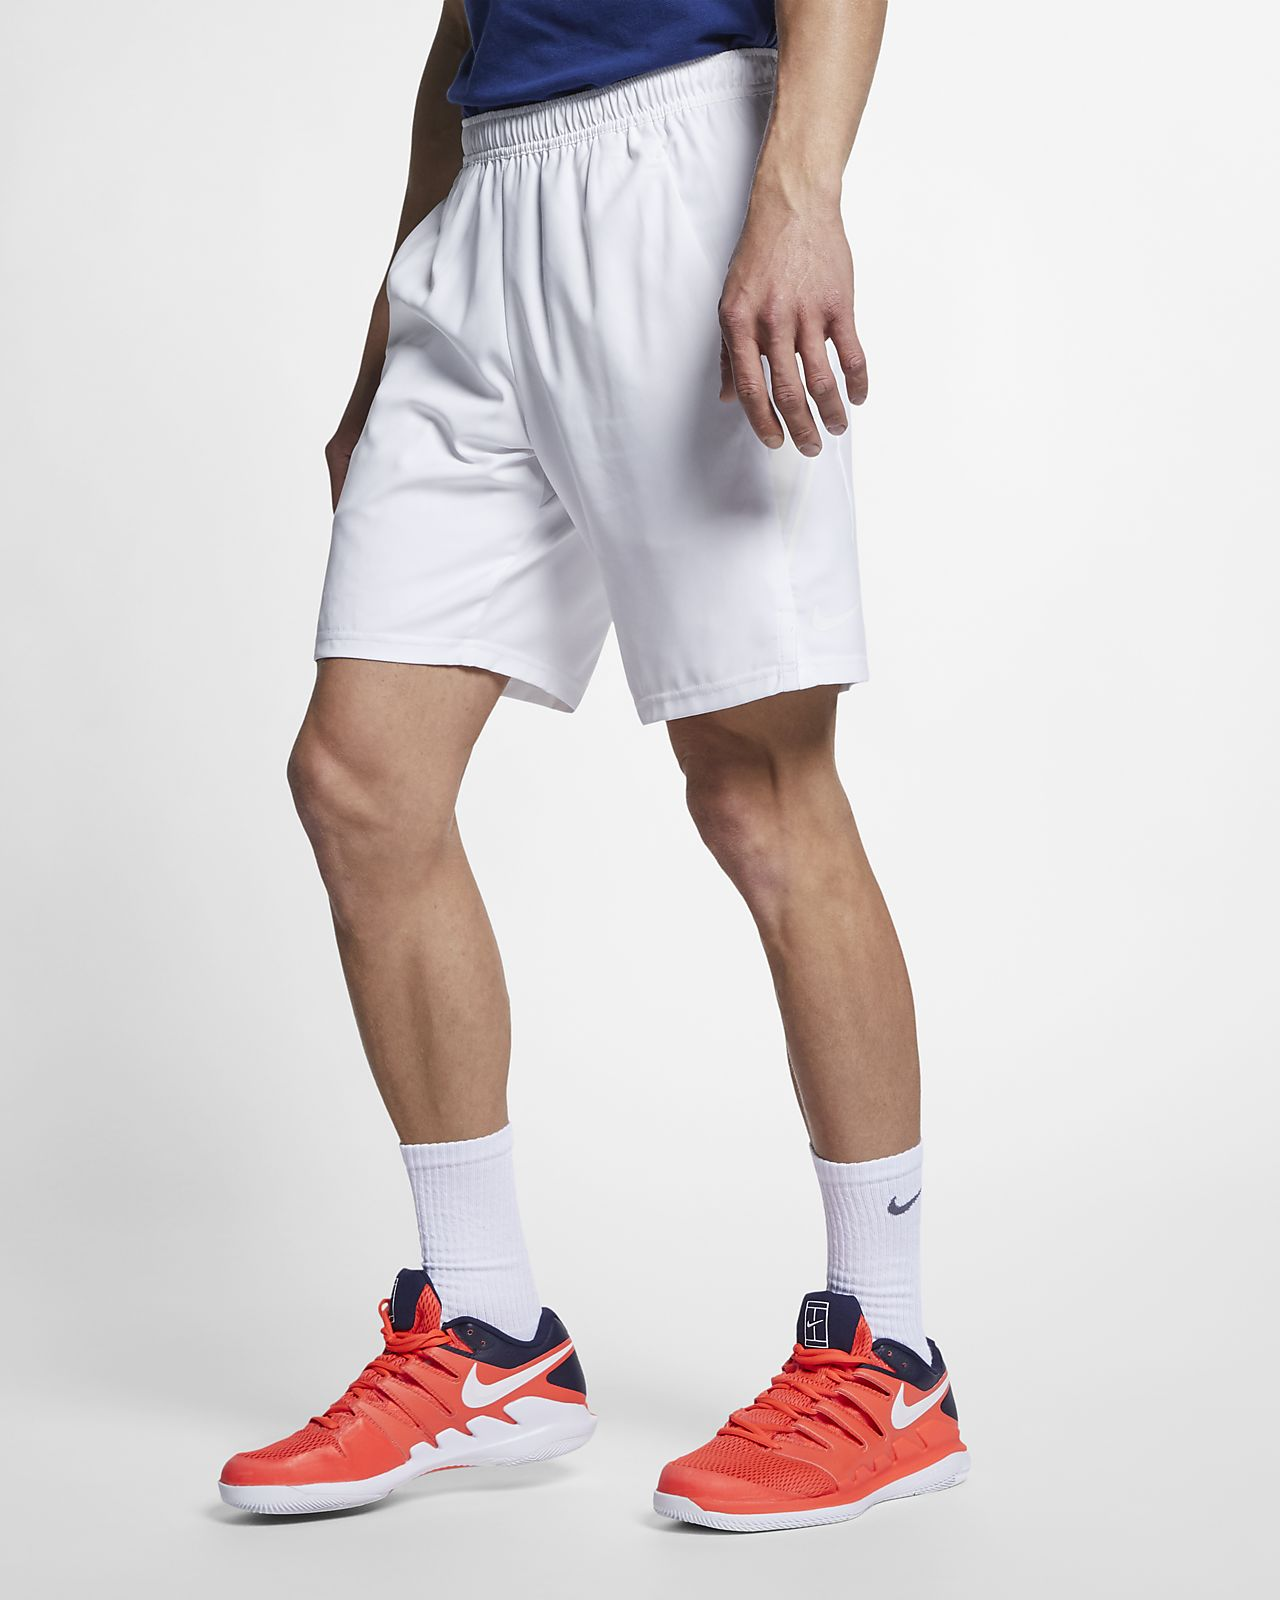 precio de descuento 2019 real nuevo producto NikeCourt Dri-FIT Pantalón corto de tenis de 23 cm - Hombre